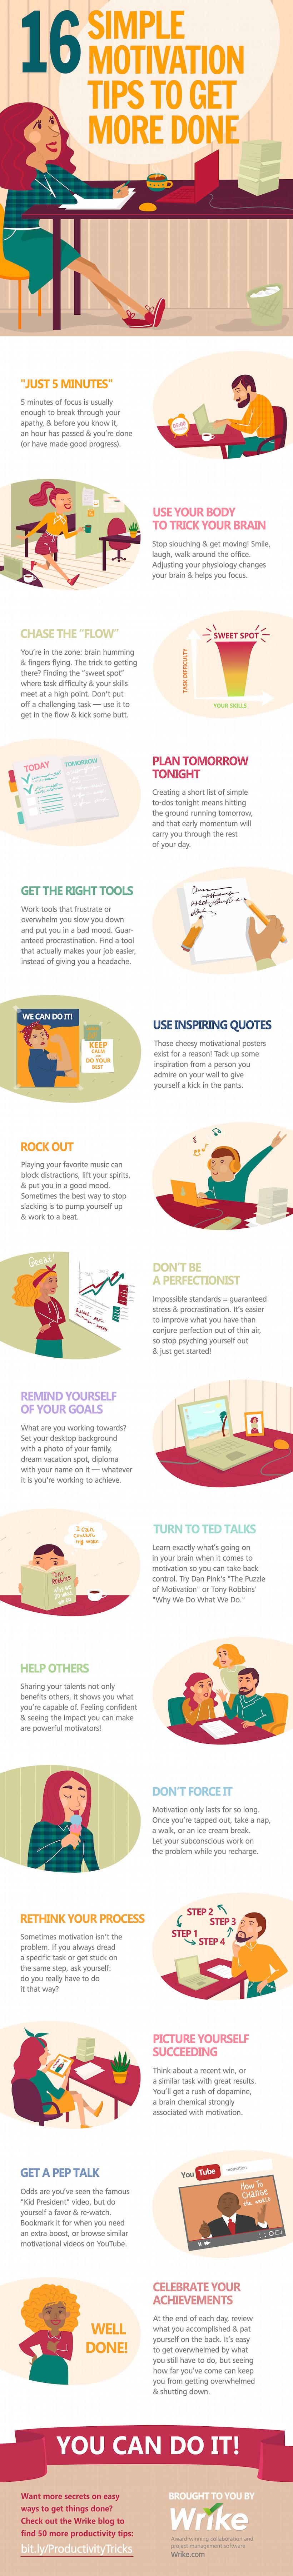 16 Consejos simples motivación para hacer más cosas (#Infographic)